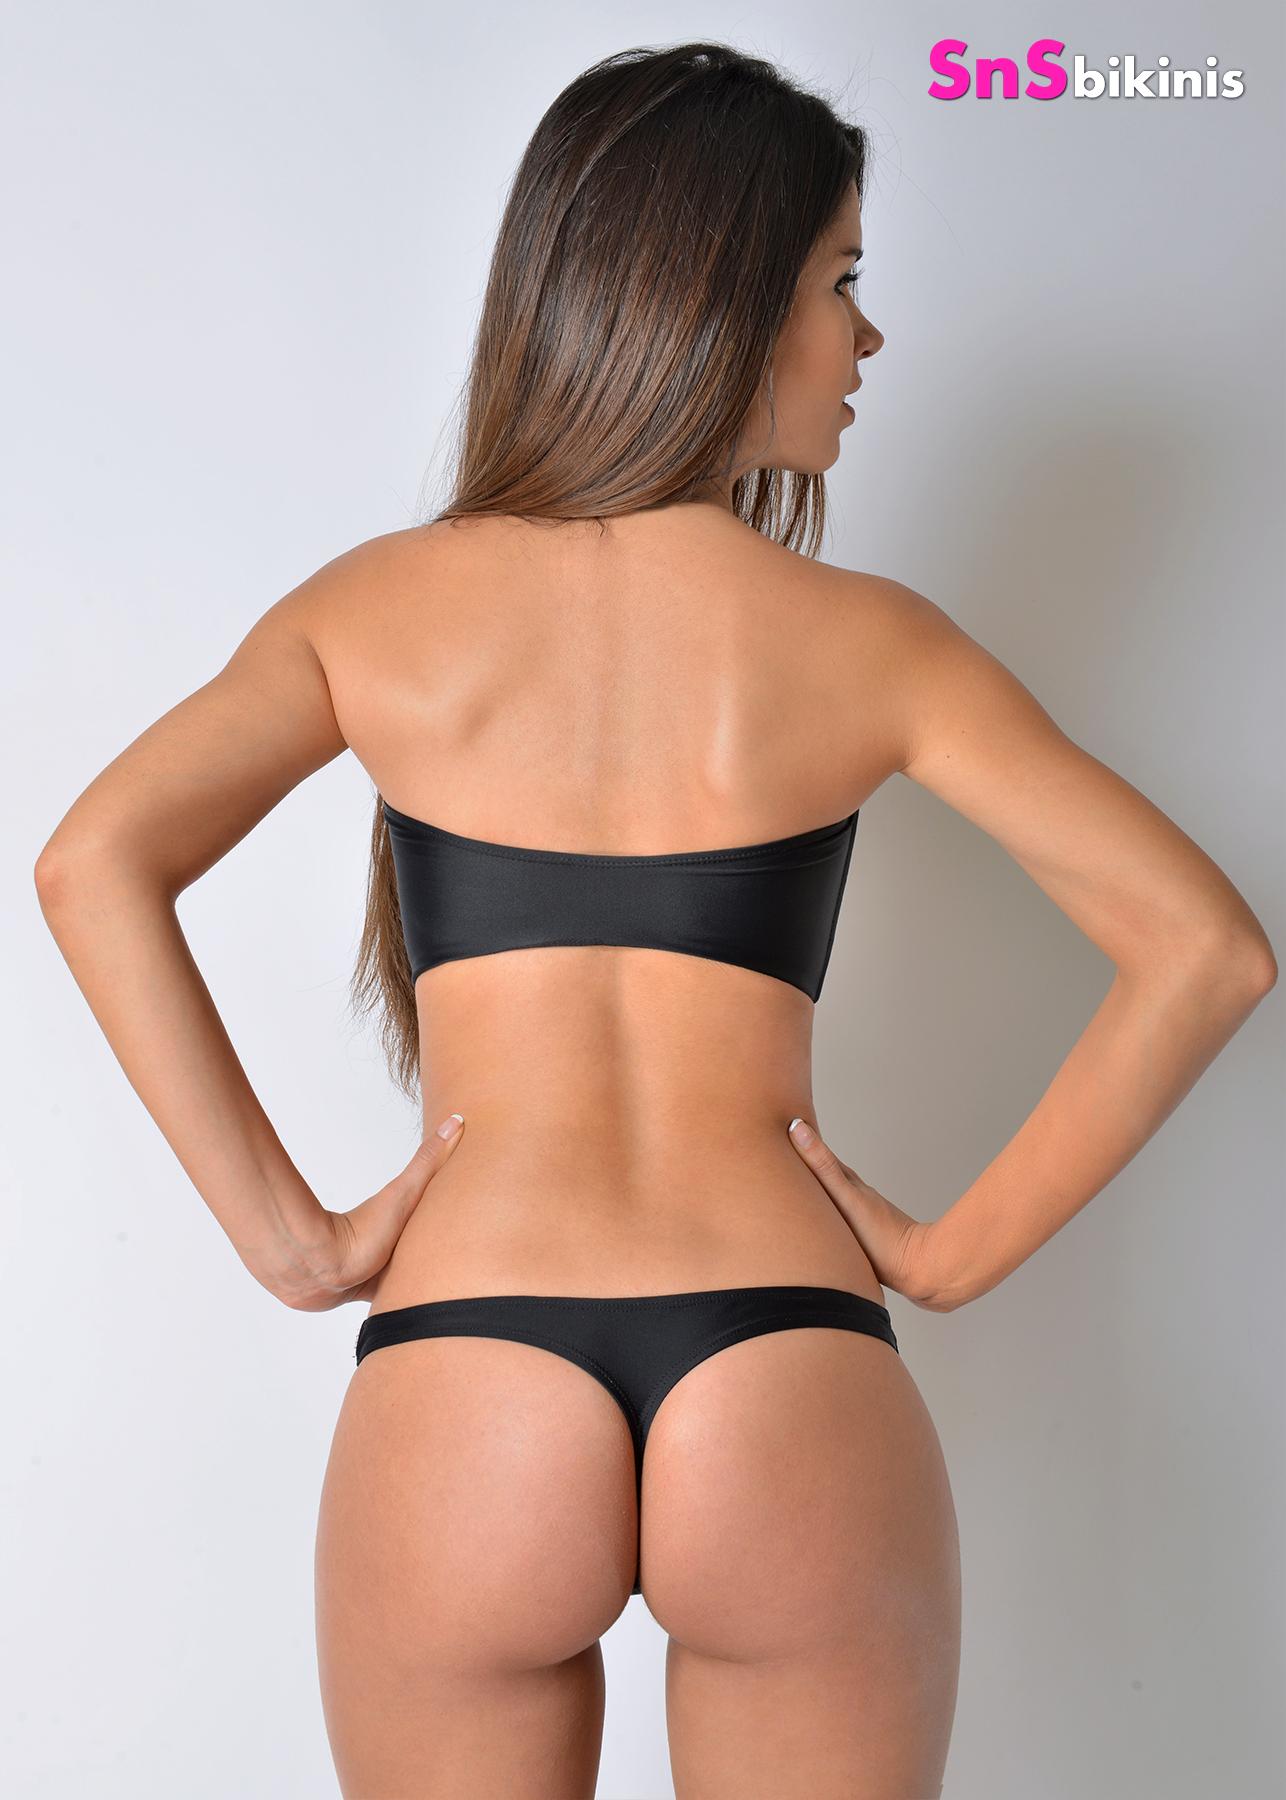 Bikini hot